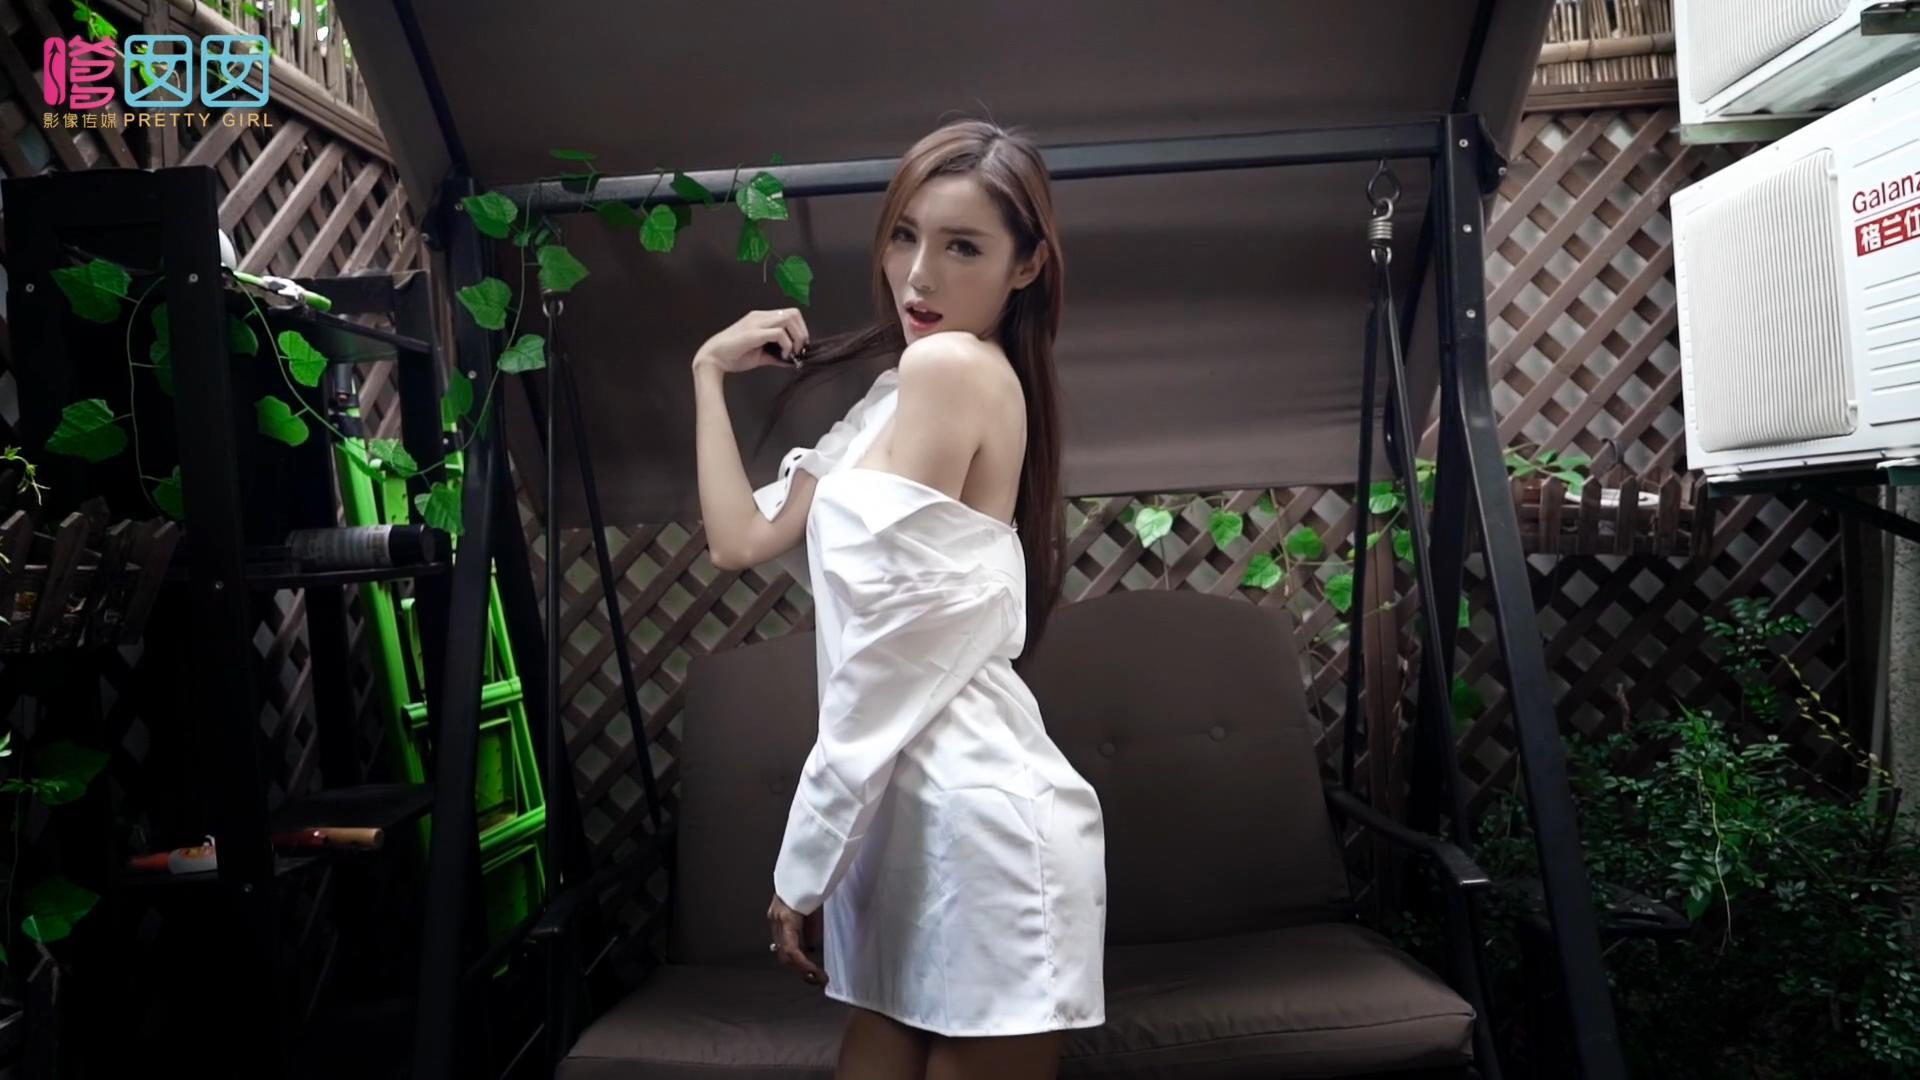 [FEILIN嗲囡囡]视频 2016.09.14 VN.030 梦小楠小夜猫 [553MB]